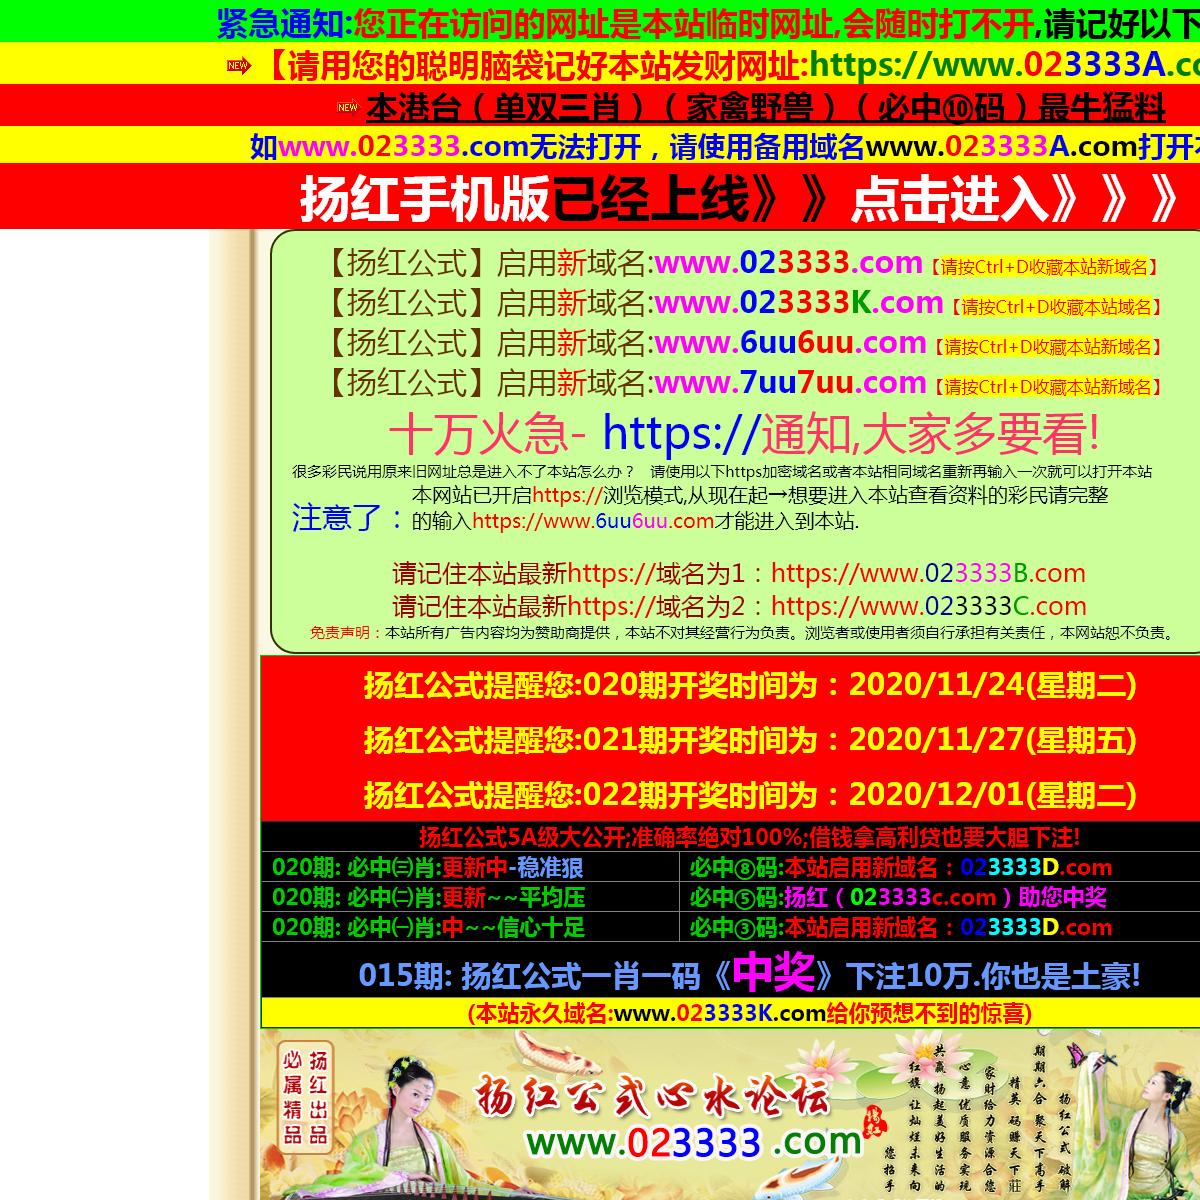 47777开奖现l,479292金光佛论坛资料,香港马会免费资料直播,90188.com——士林区最近新闻